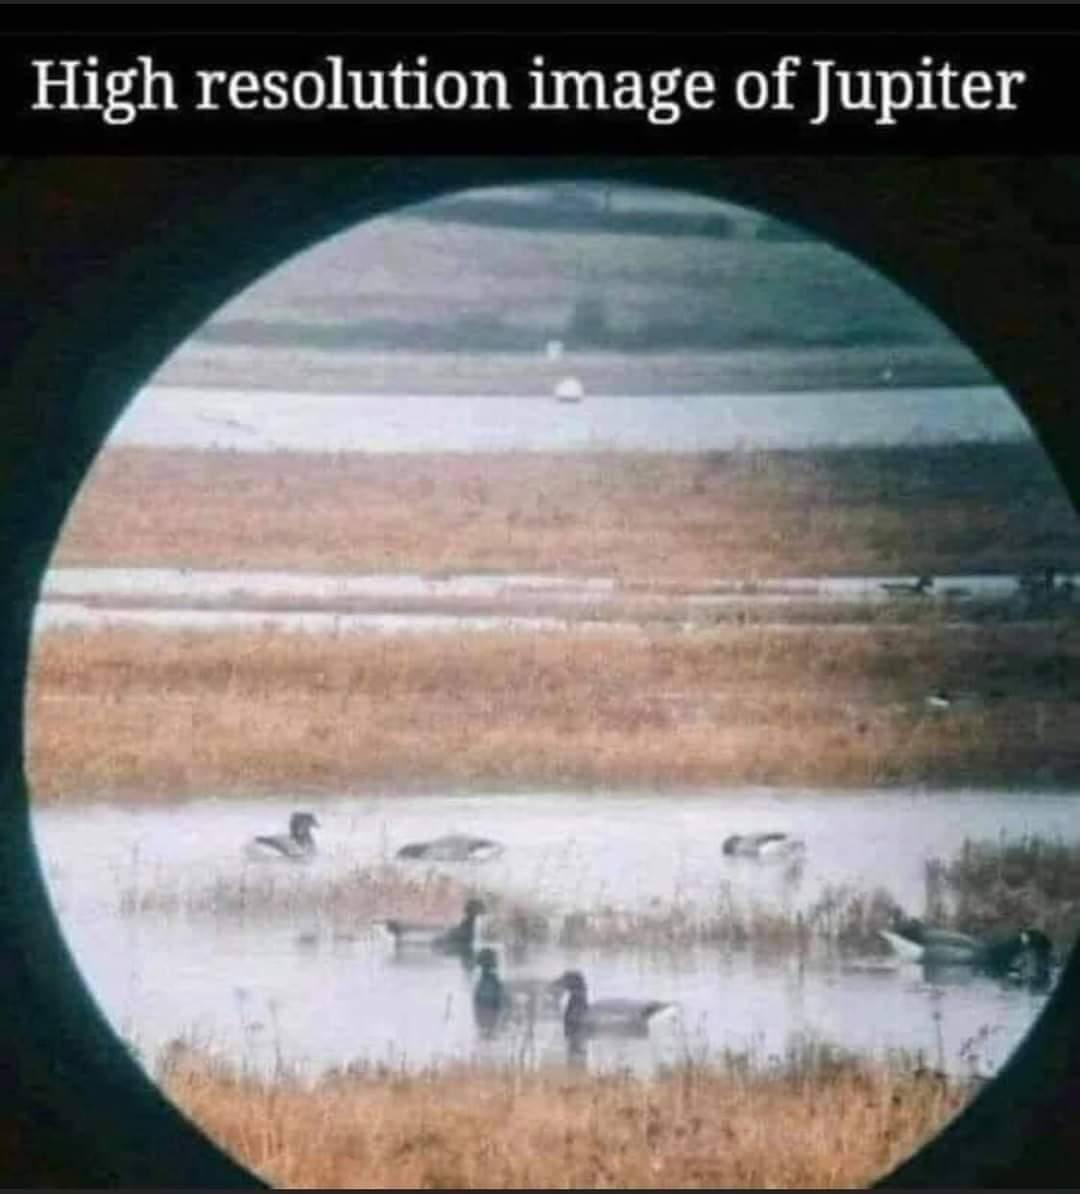 Memes Hi resolution of Jupiter